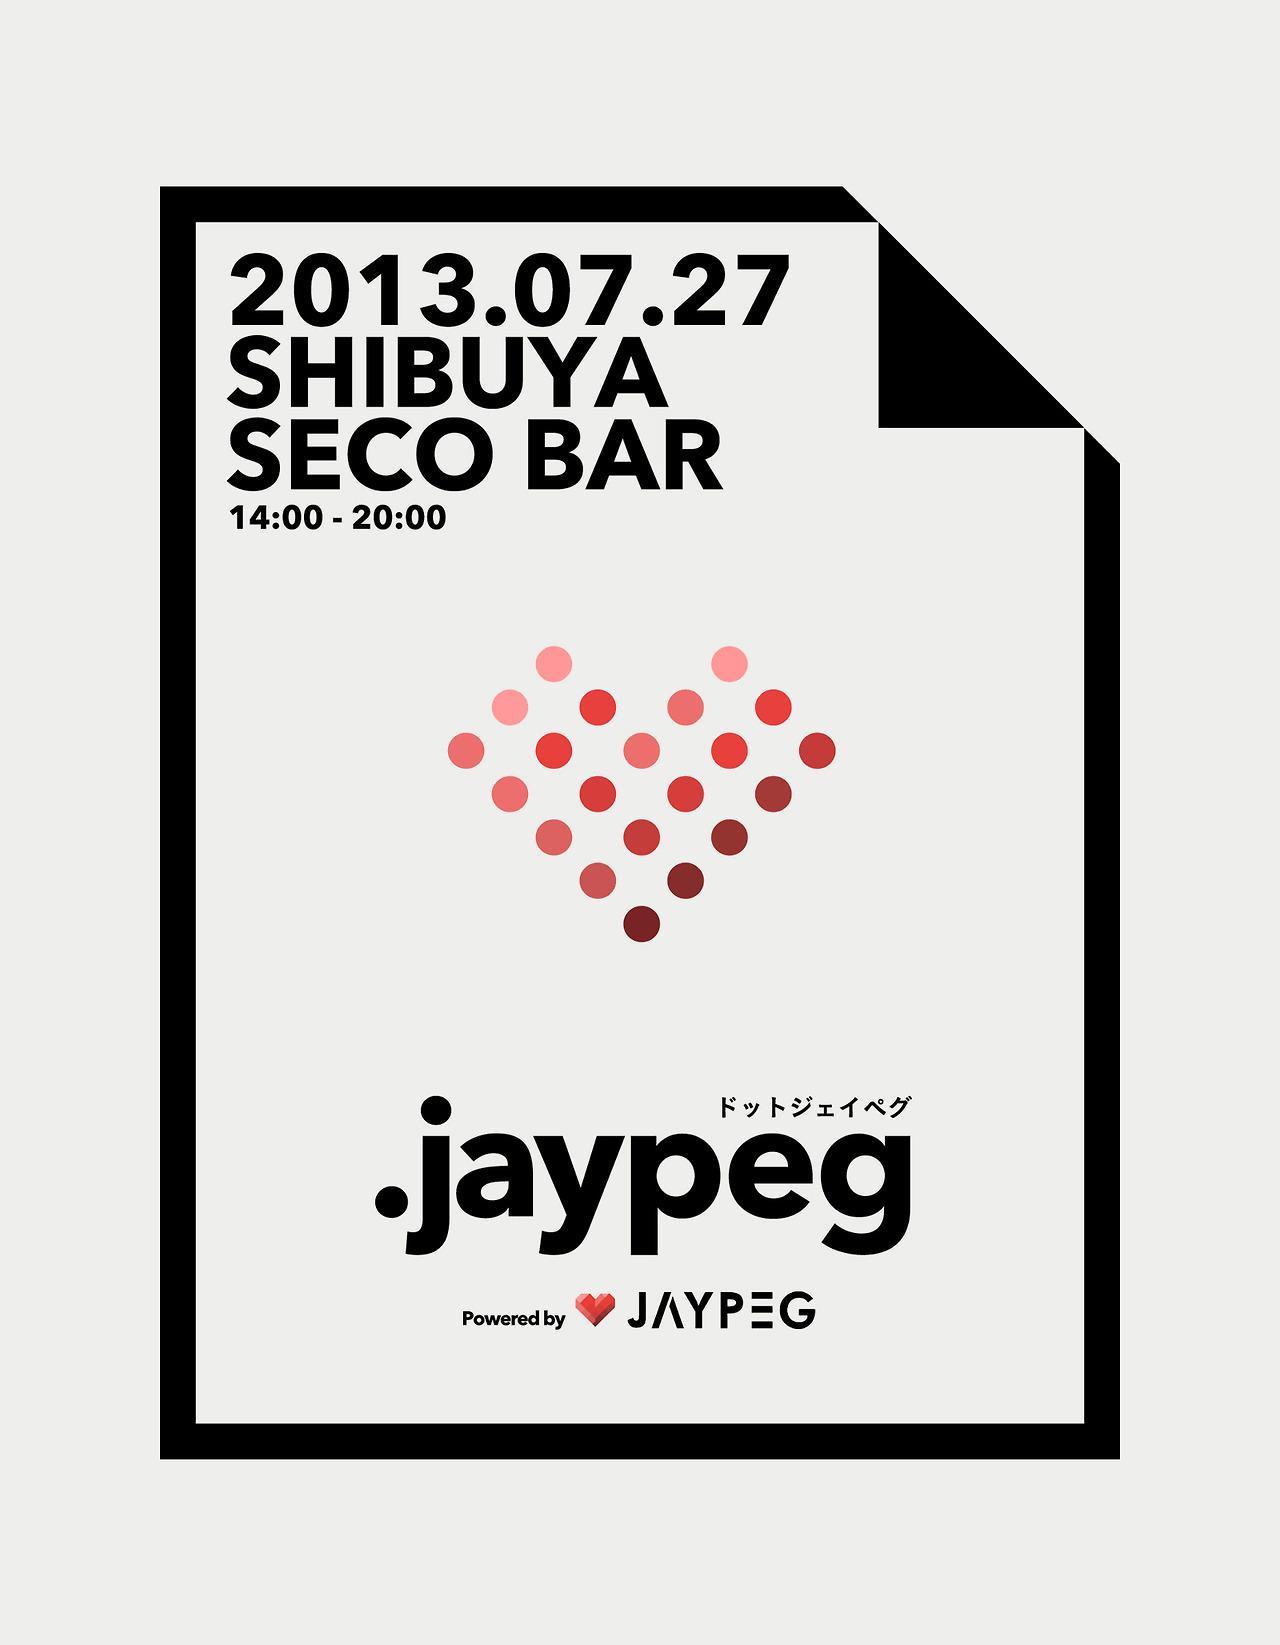 いま話題のポートフォリオサイト「JAYPEG」のイベントに参加してきた